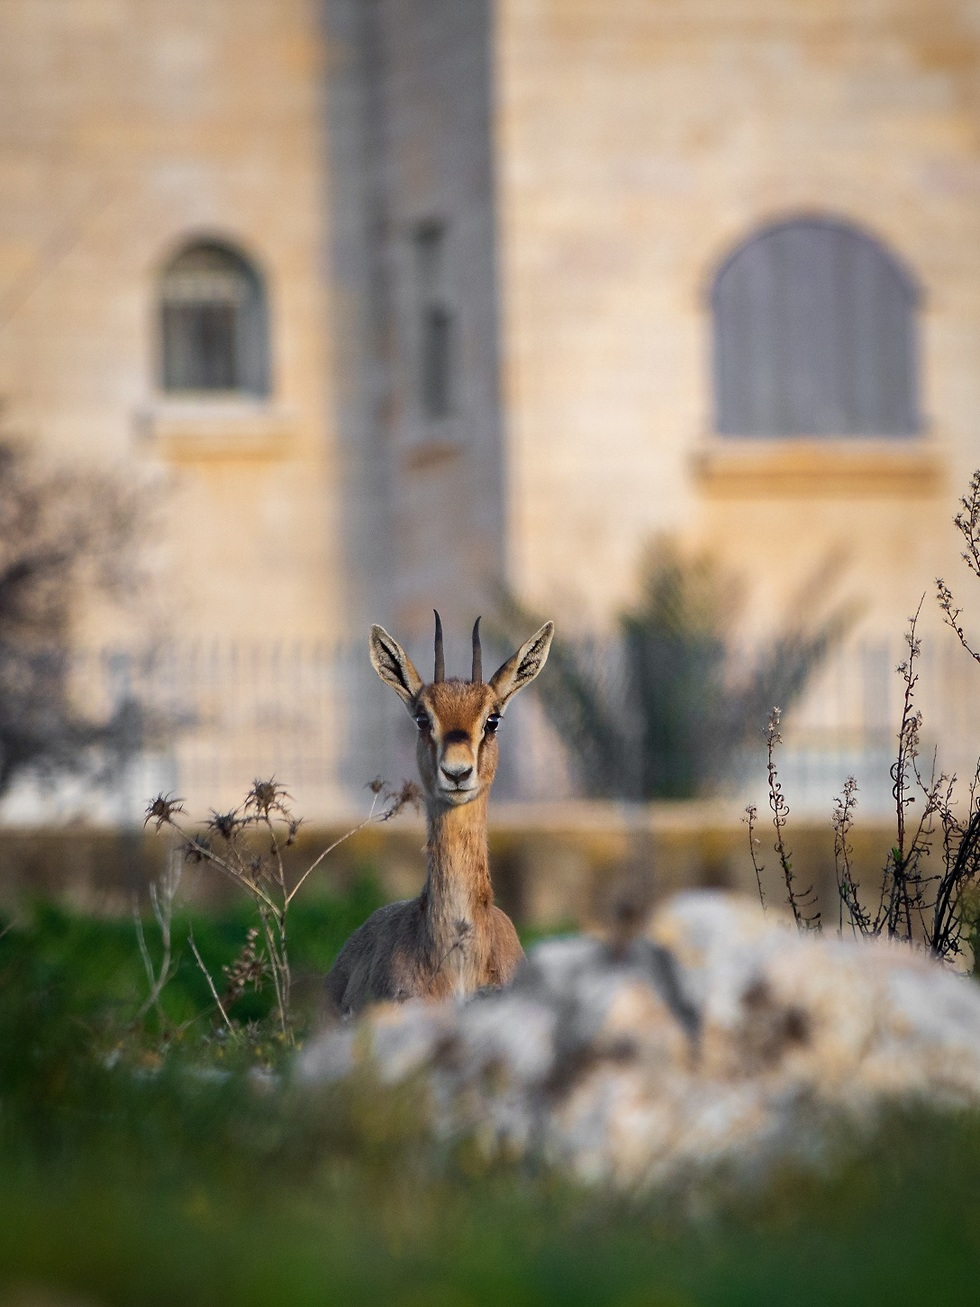 צביה ליד אחד הבתים (צילום: יעקב בן בונן)